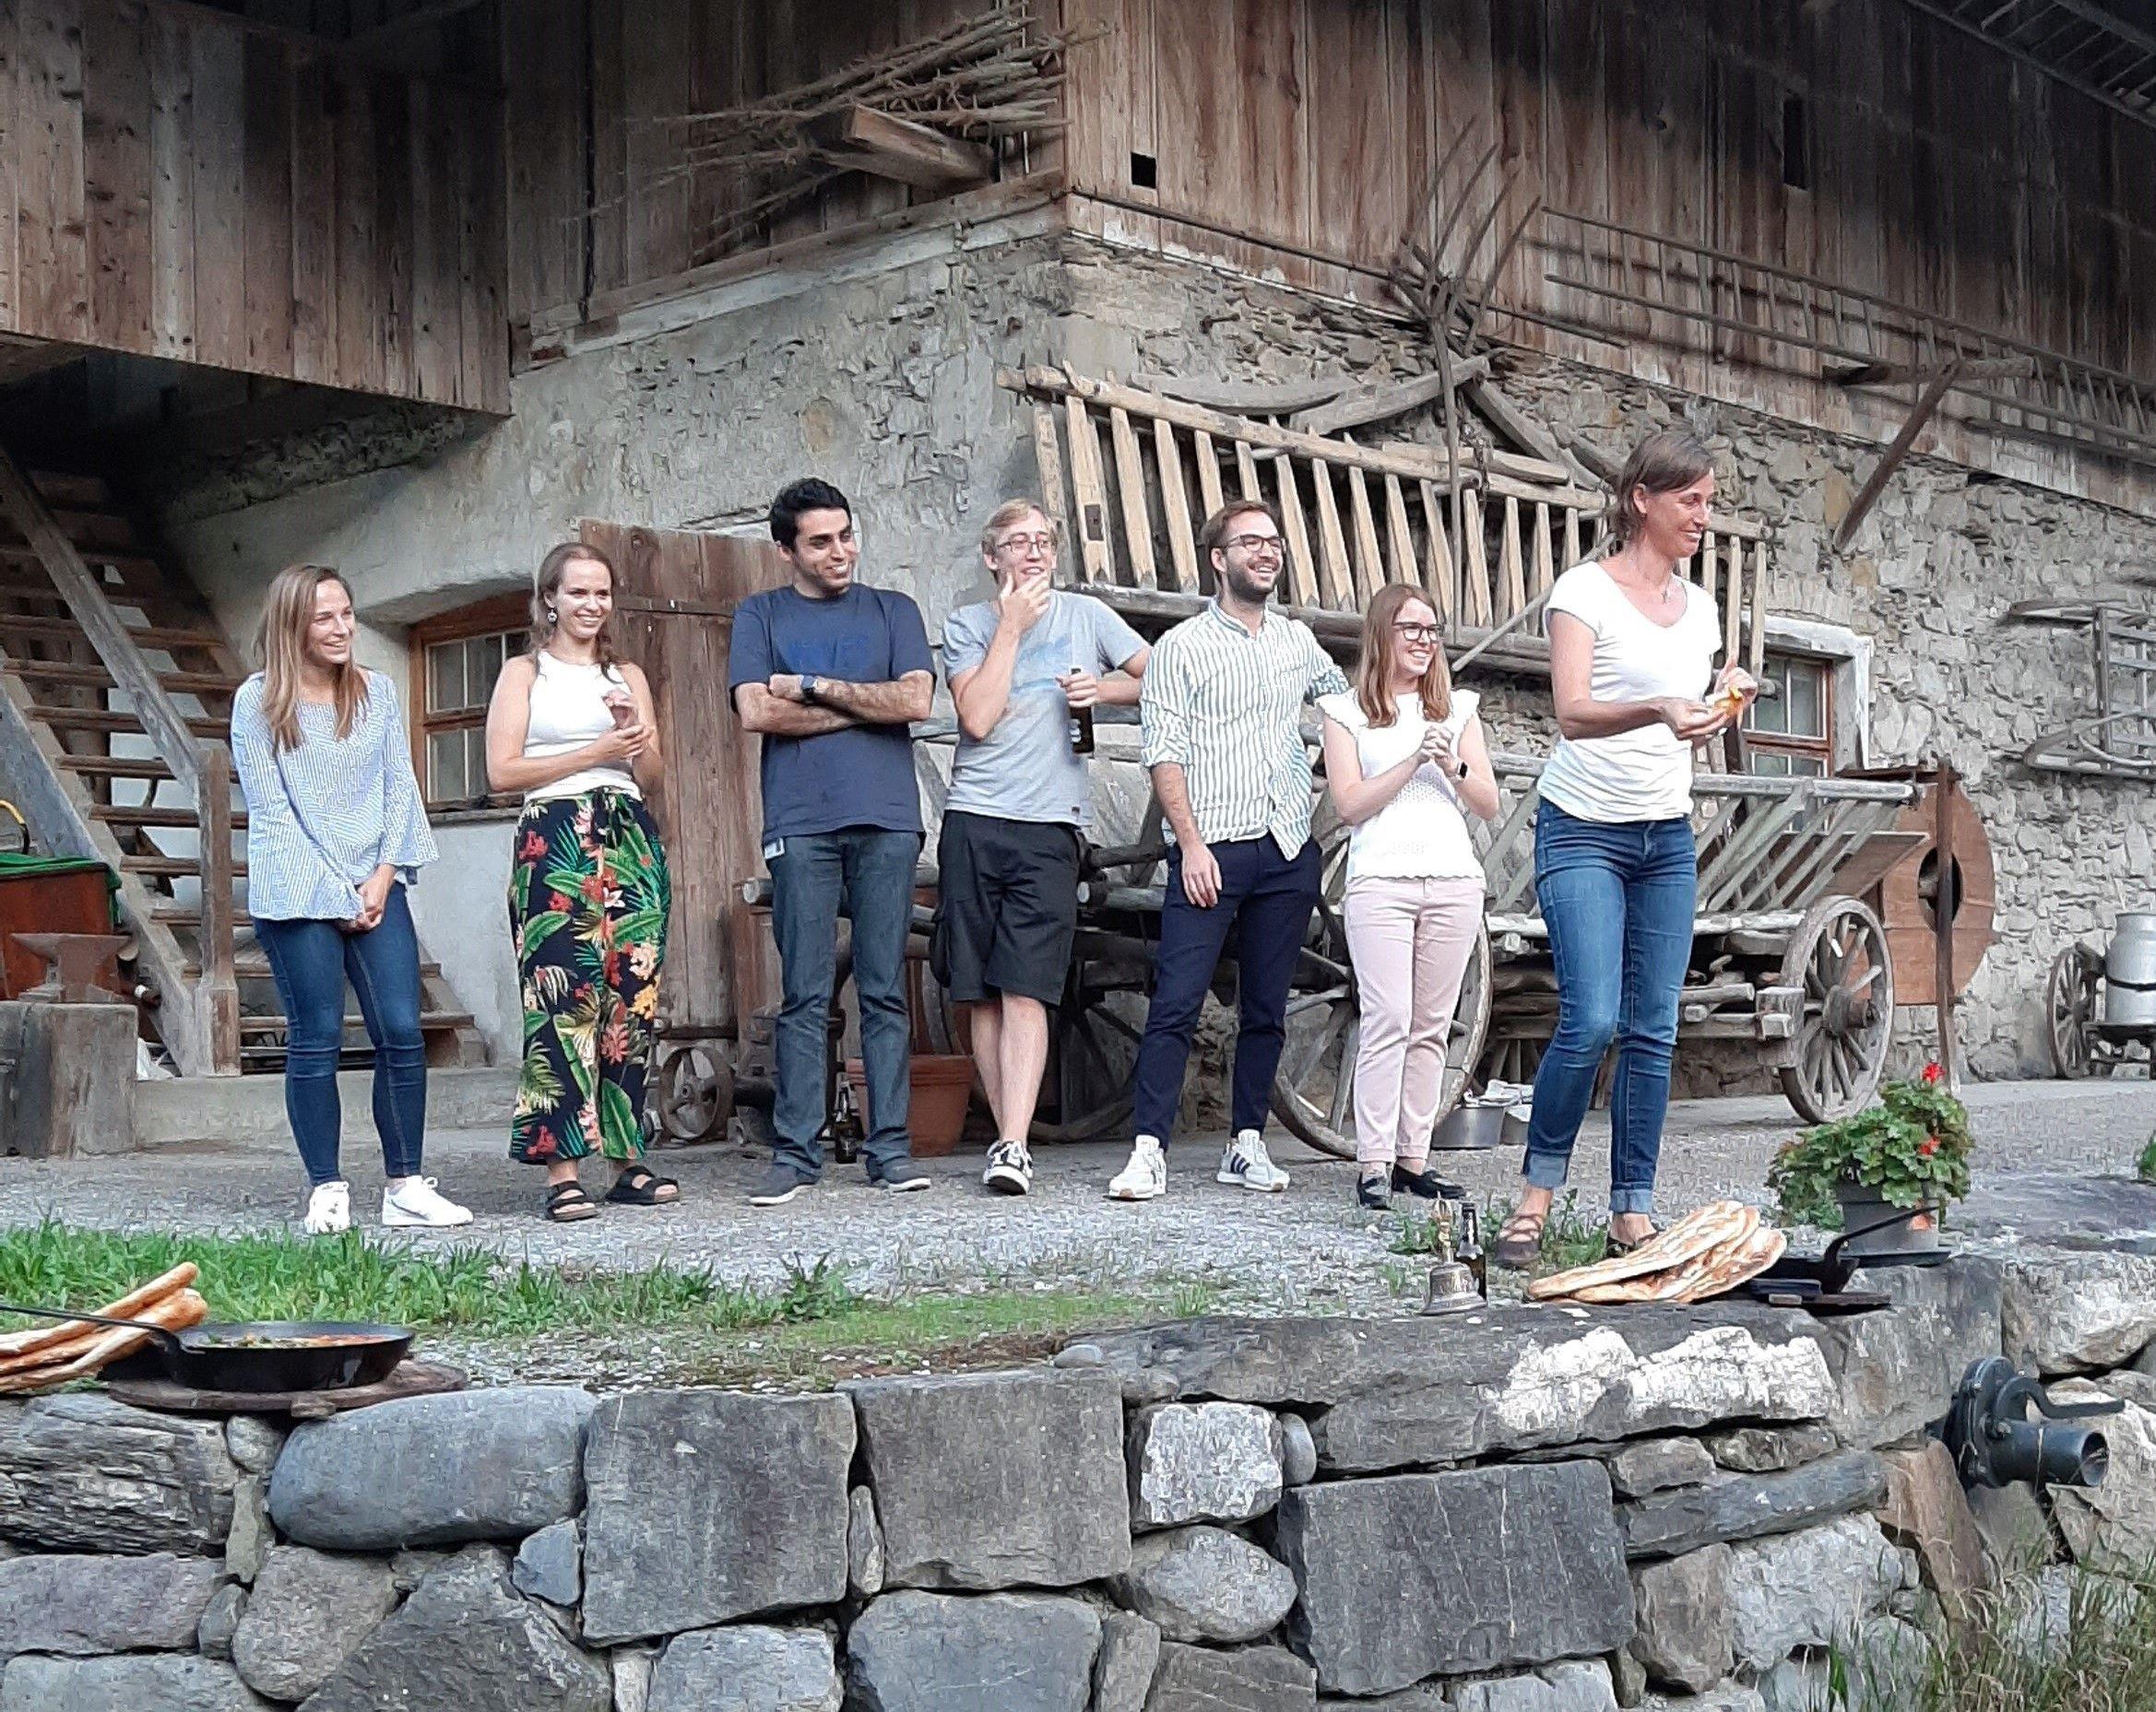 Team Forschung RUZ an Teamevent vor einem alten Haus